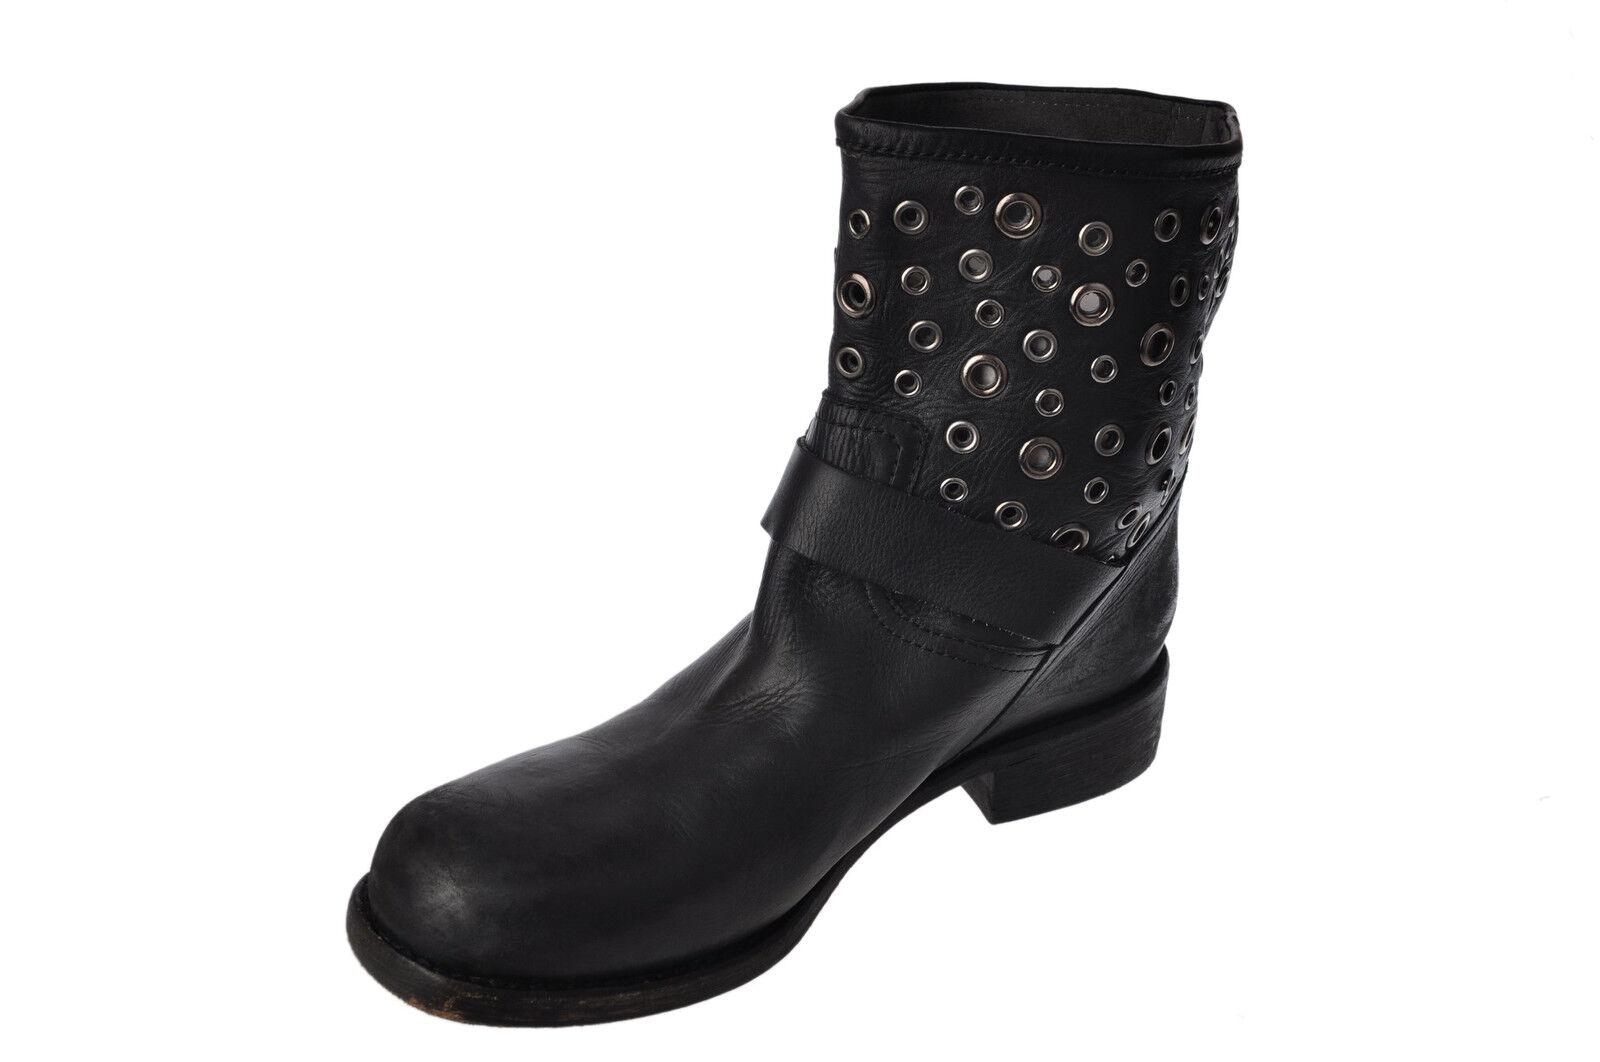 Mr Wolf  -  botas botas botas al tobillo - Mujer - Negro - 3300519A185114 758693